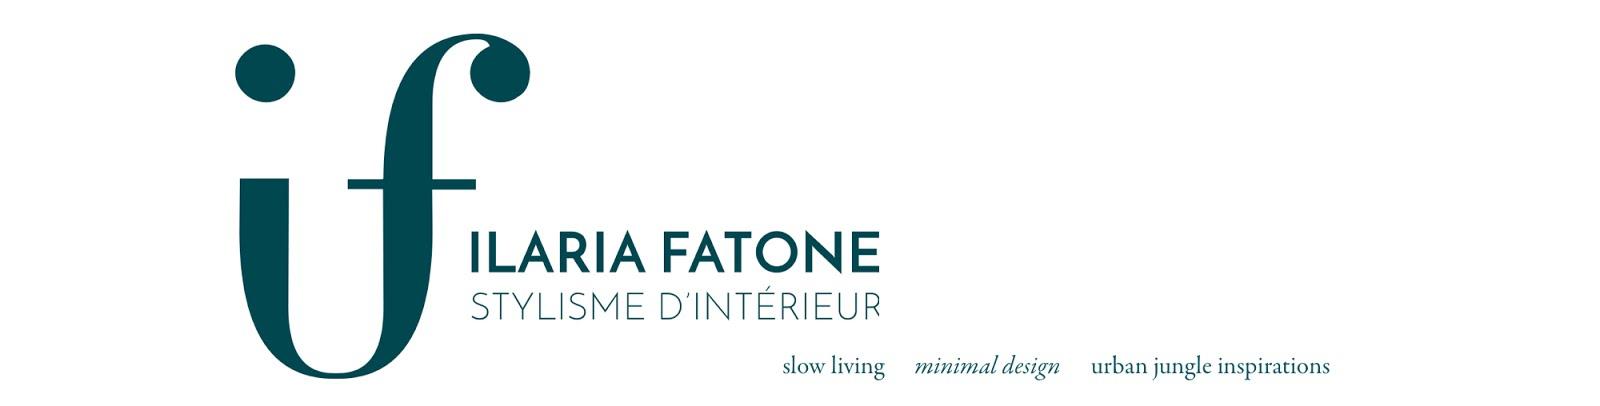 Ilaria Fatone ⎟décoration d'intérieur Aix-en-Provence, Marseille